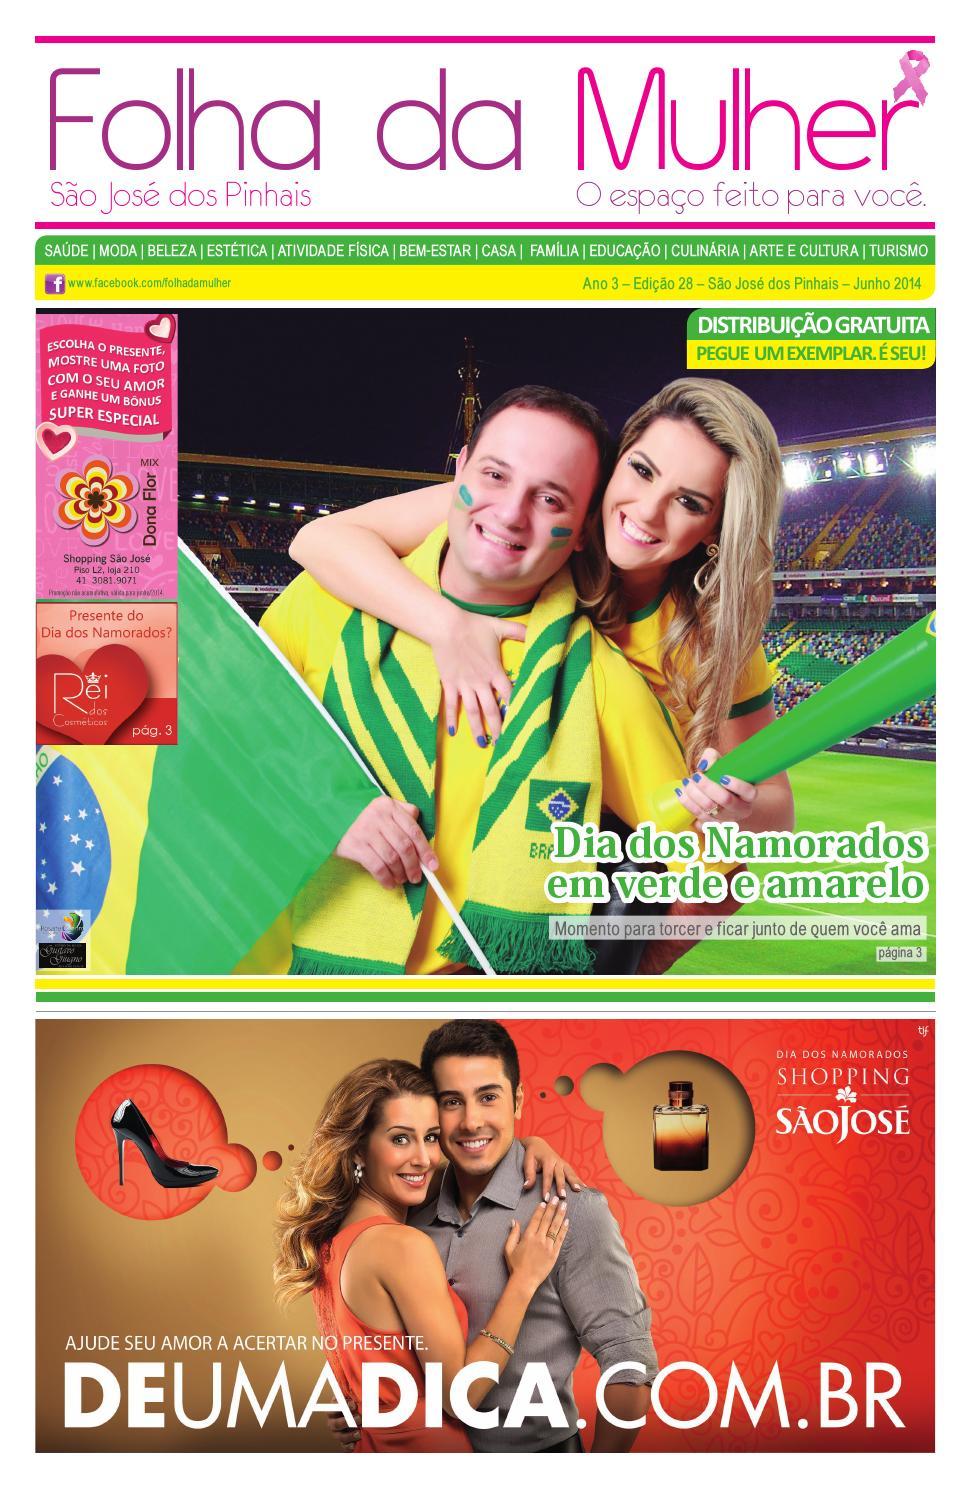 81d23247880f7 Folha da Mulher São José dos Pinhais - 28ª Edição - junho 2014 by Folha da  Mulher - issuu